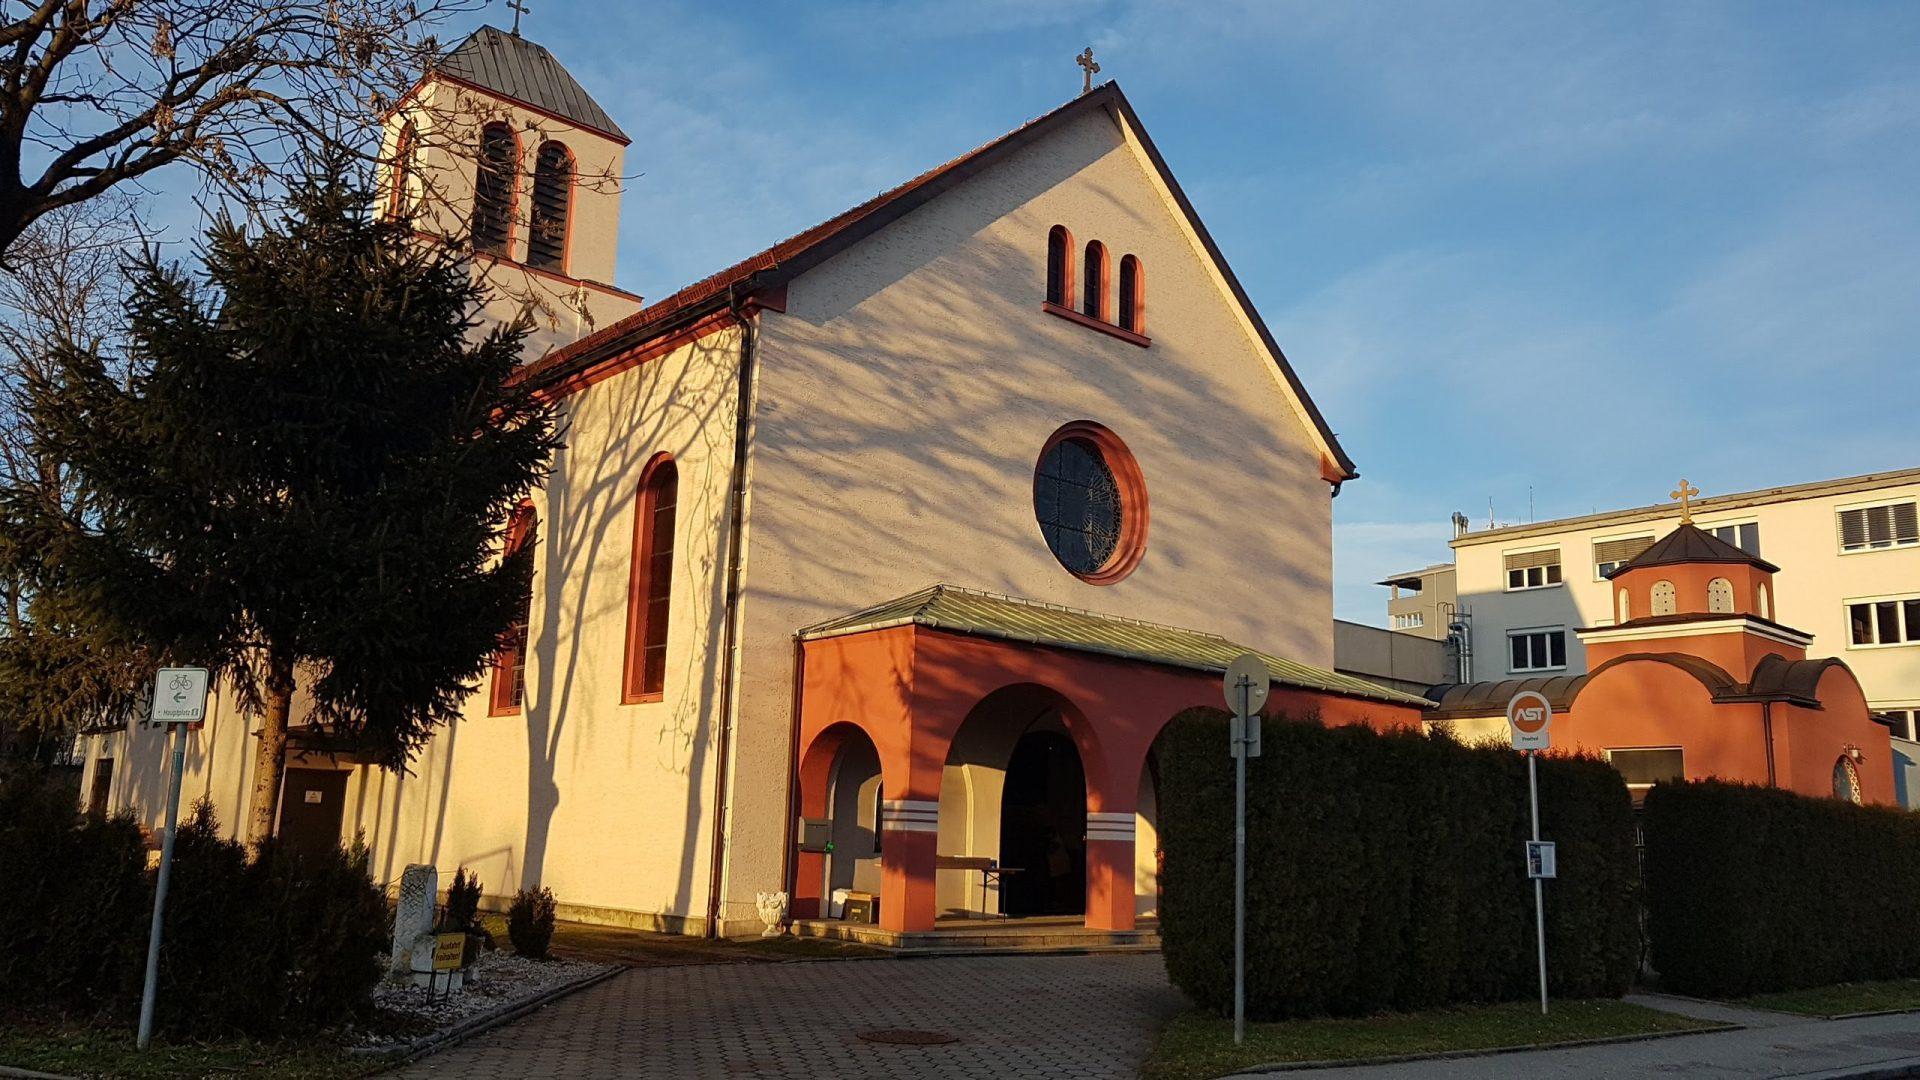 Церковь Василия Острожского, Линц, Австрия. Январь, 2018